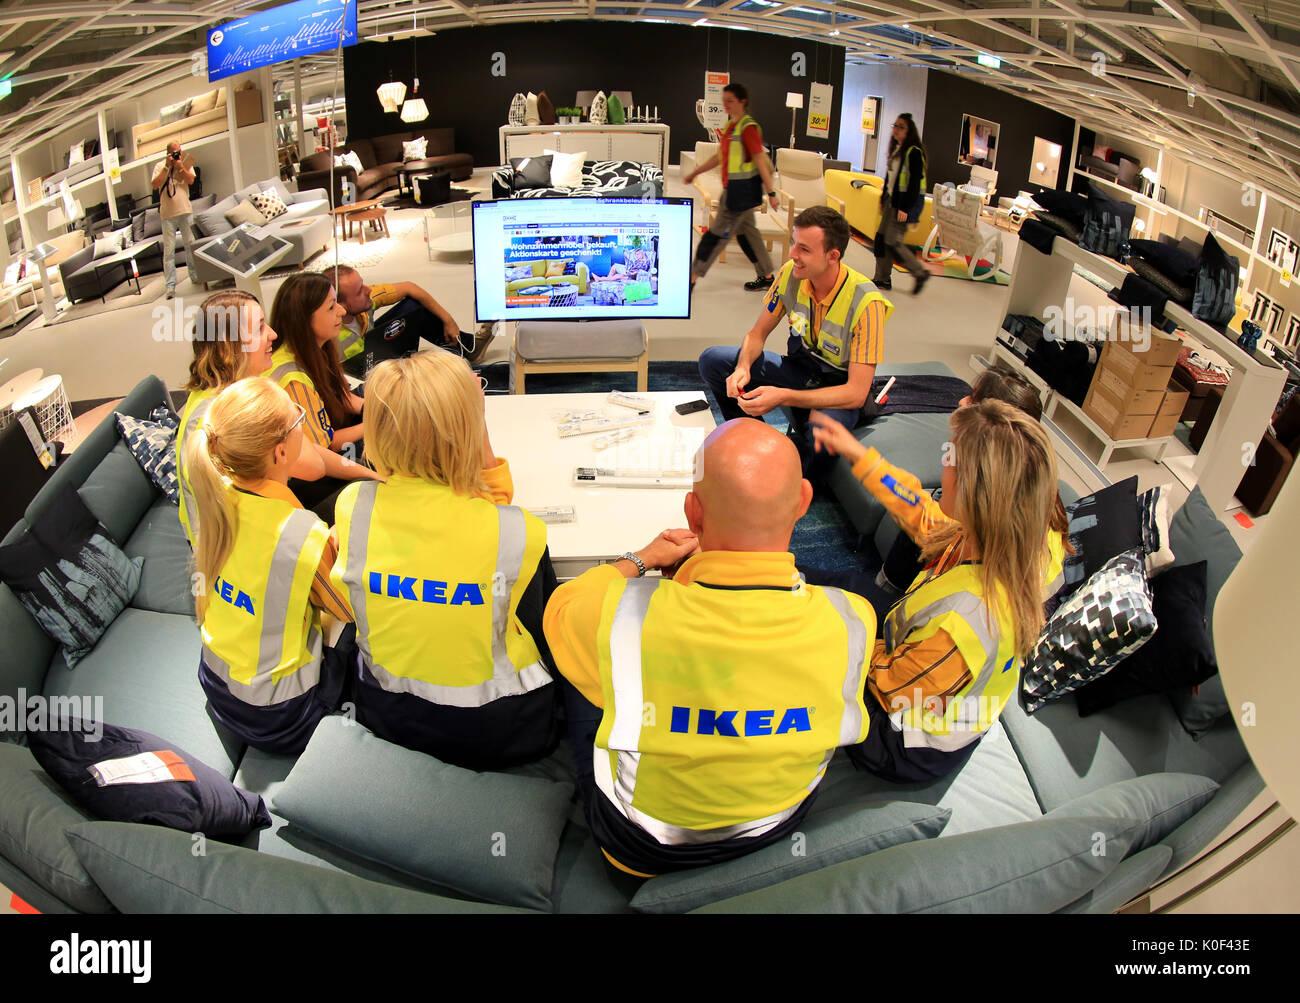 A IKEA Aprendiz Johannes Muller (acima Direita) Informação Novos  Funcionários No Departamento De Imagens